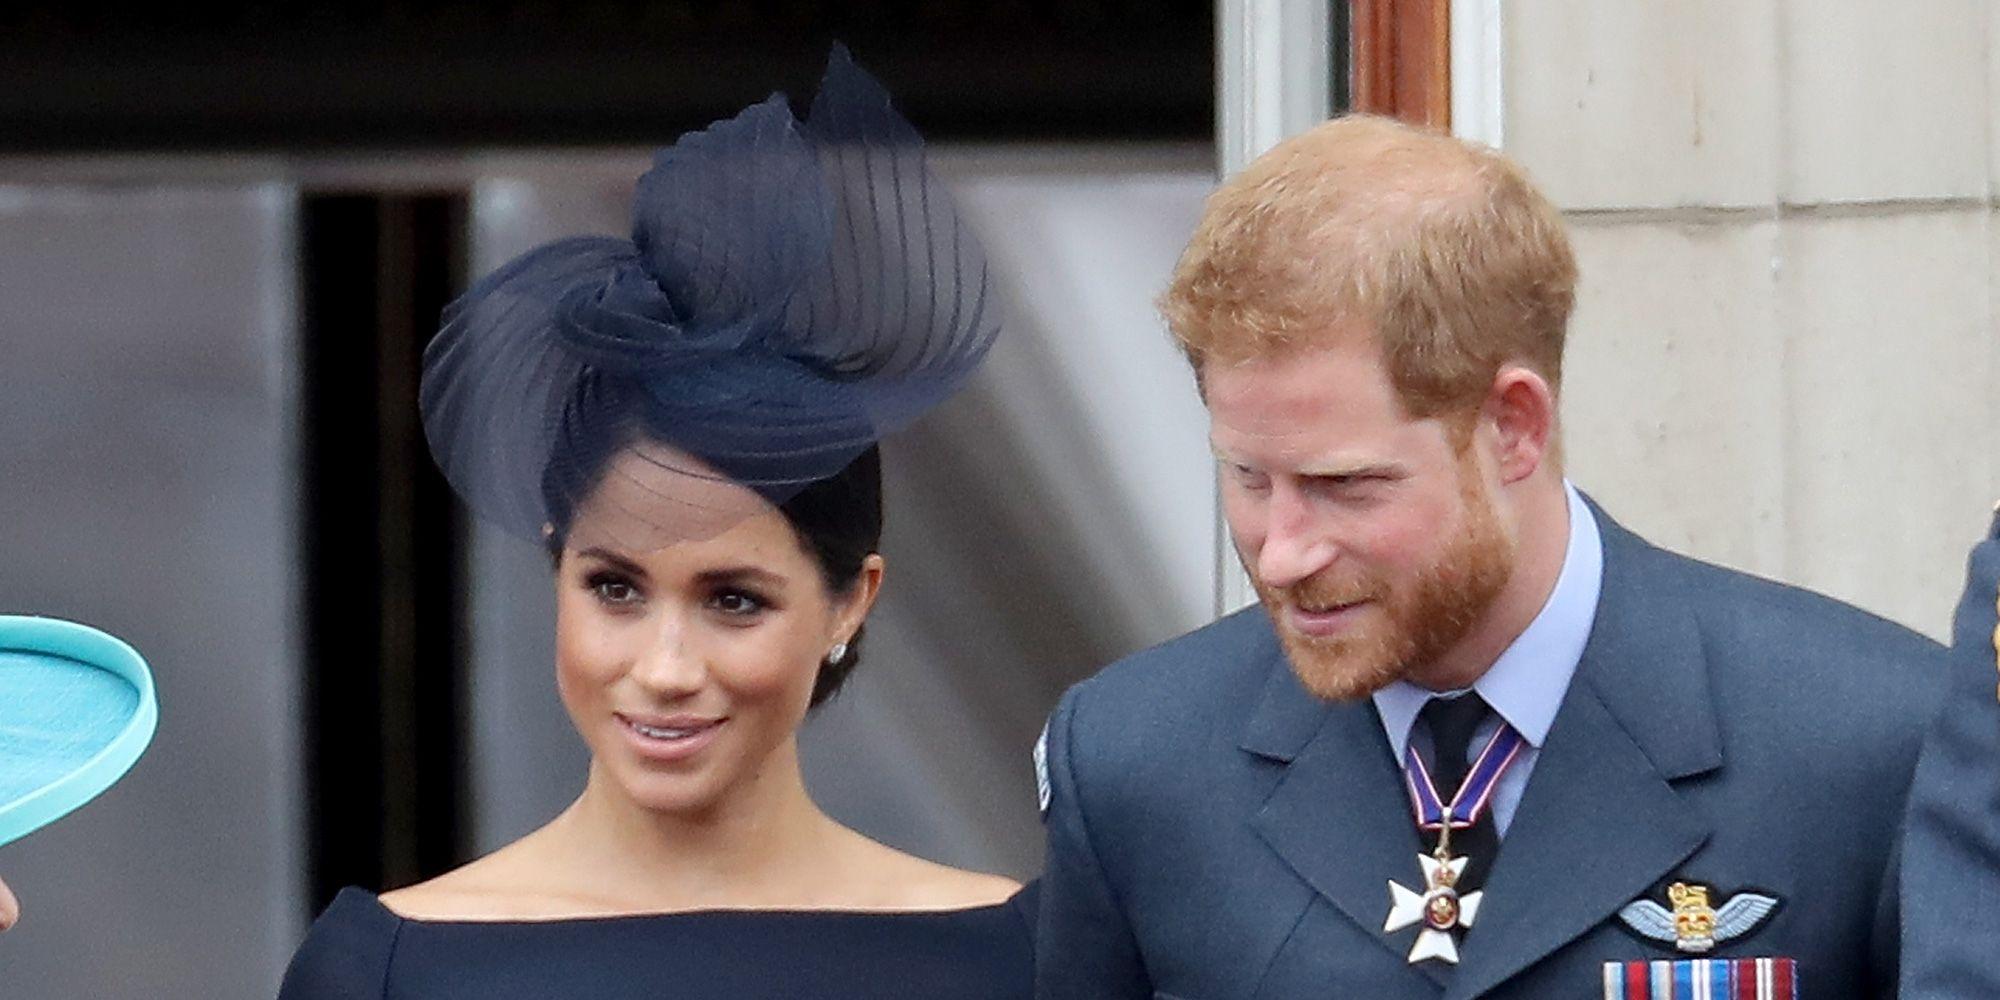 Meghan Markle and Prince Harry shared a sweet PDA moment on Buckingham Palace balcony